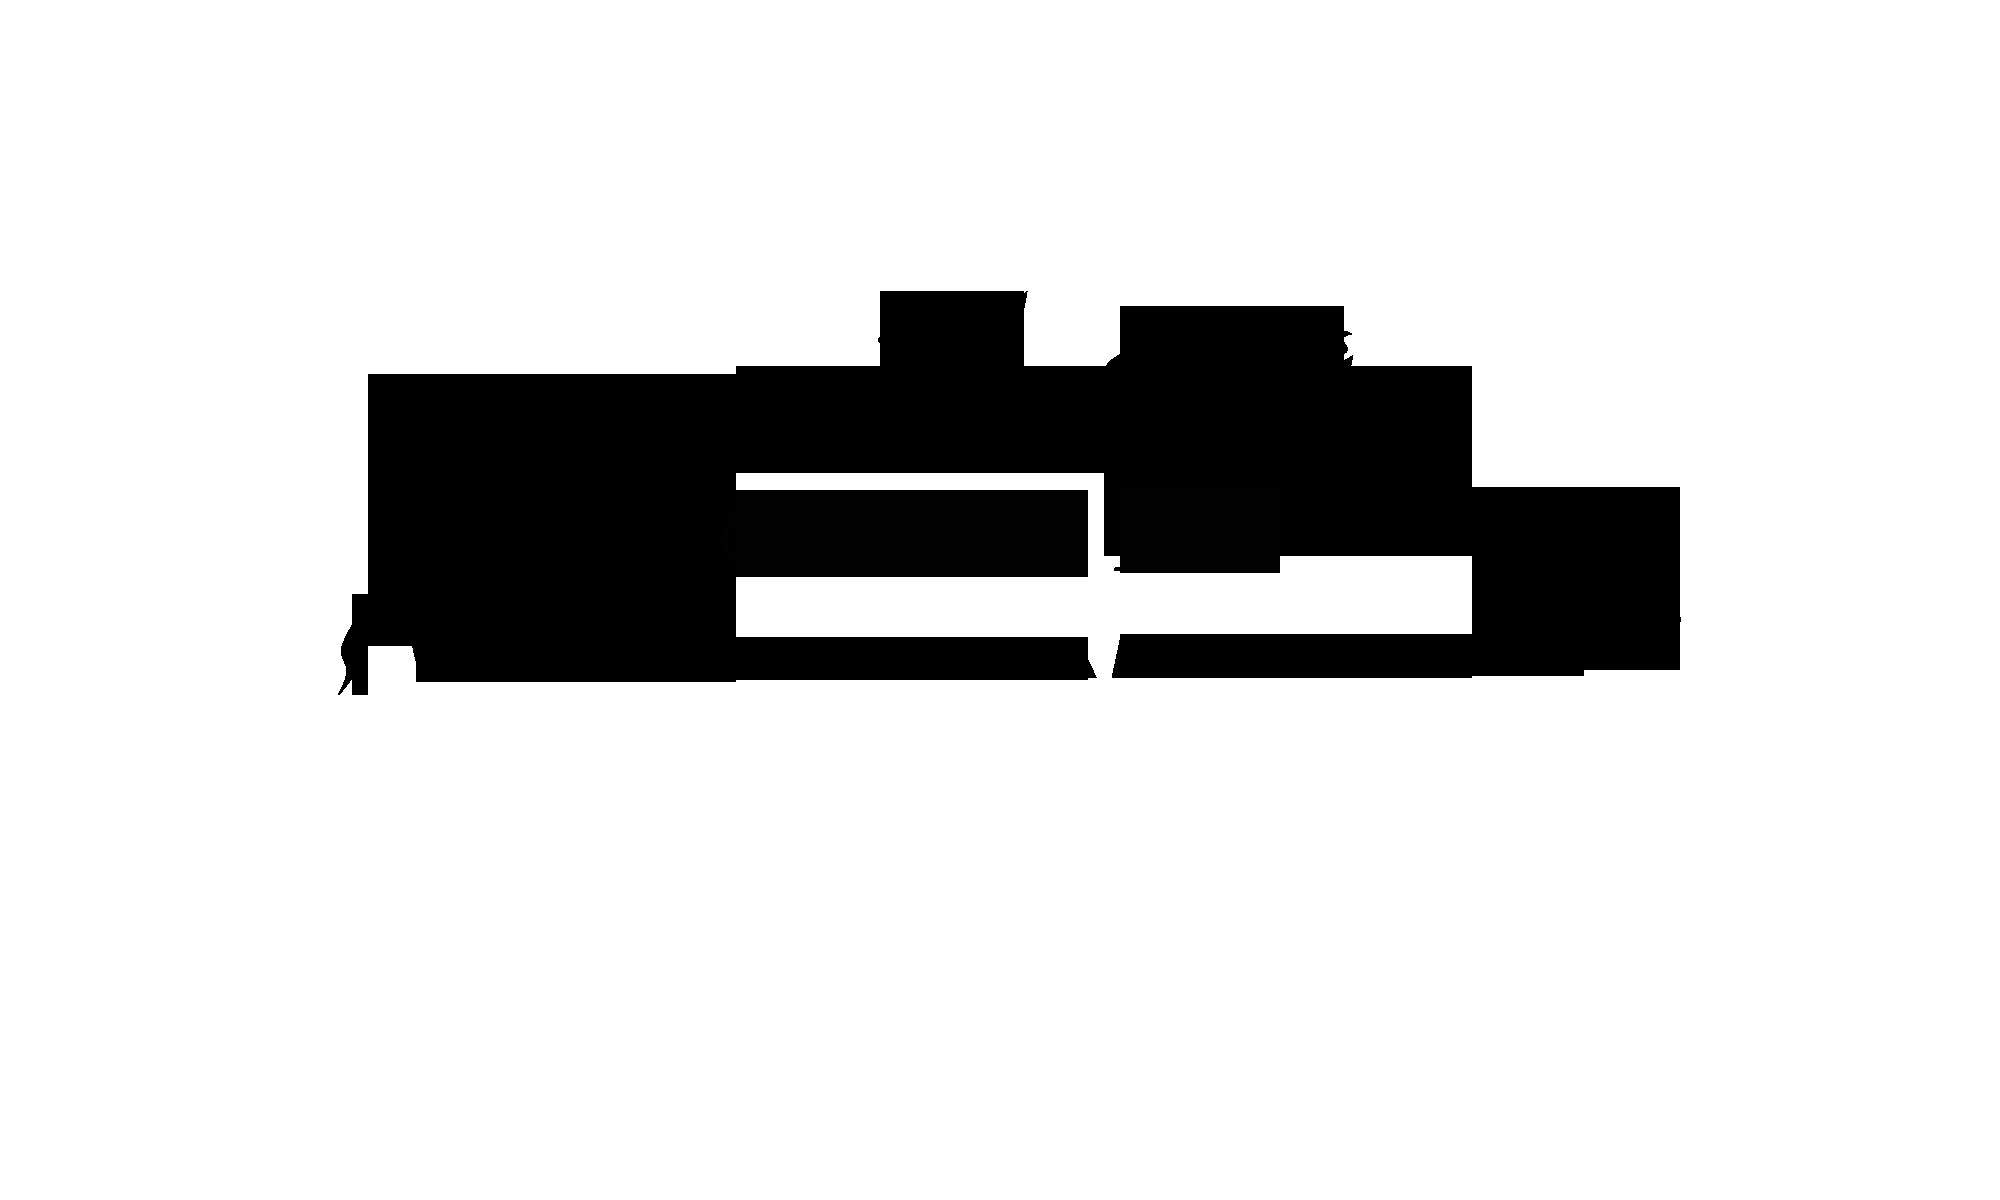 الغائط والتغوط في المنام Calligraphy Arabic Calligraphy